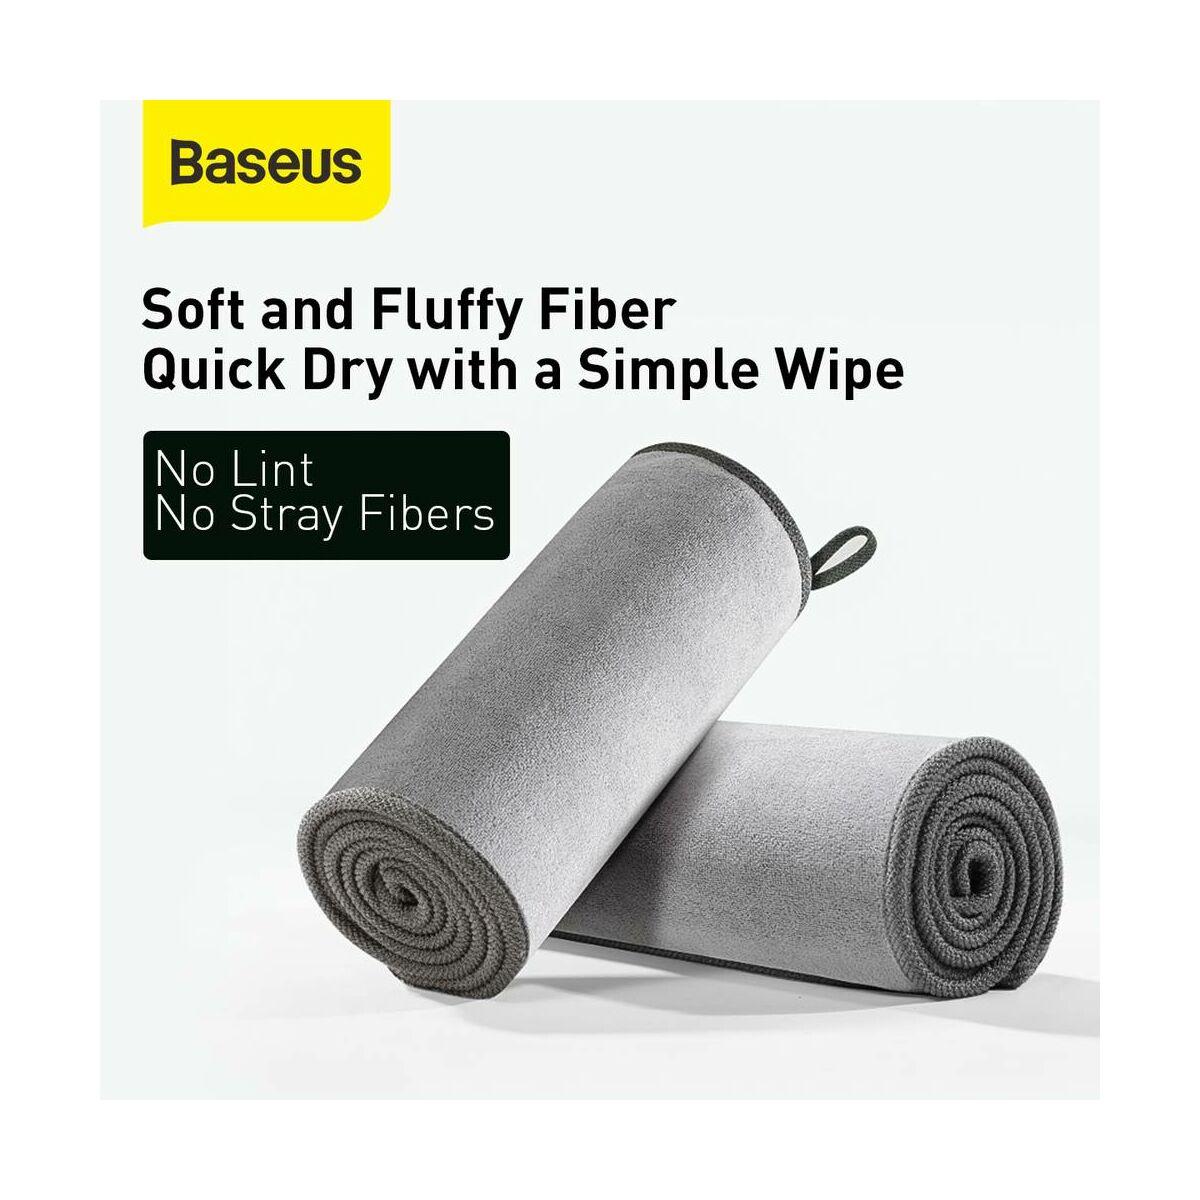 Baseus autós kiegészítő, Life mikroszálas törölköző autó mosás utáni tisztításhoz (40*80 mm) szürke (CRXCMJ-A0G)